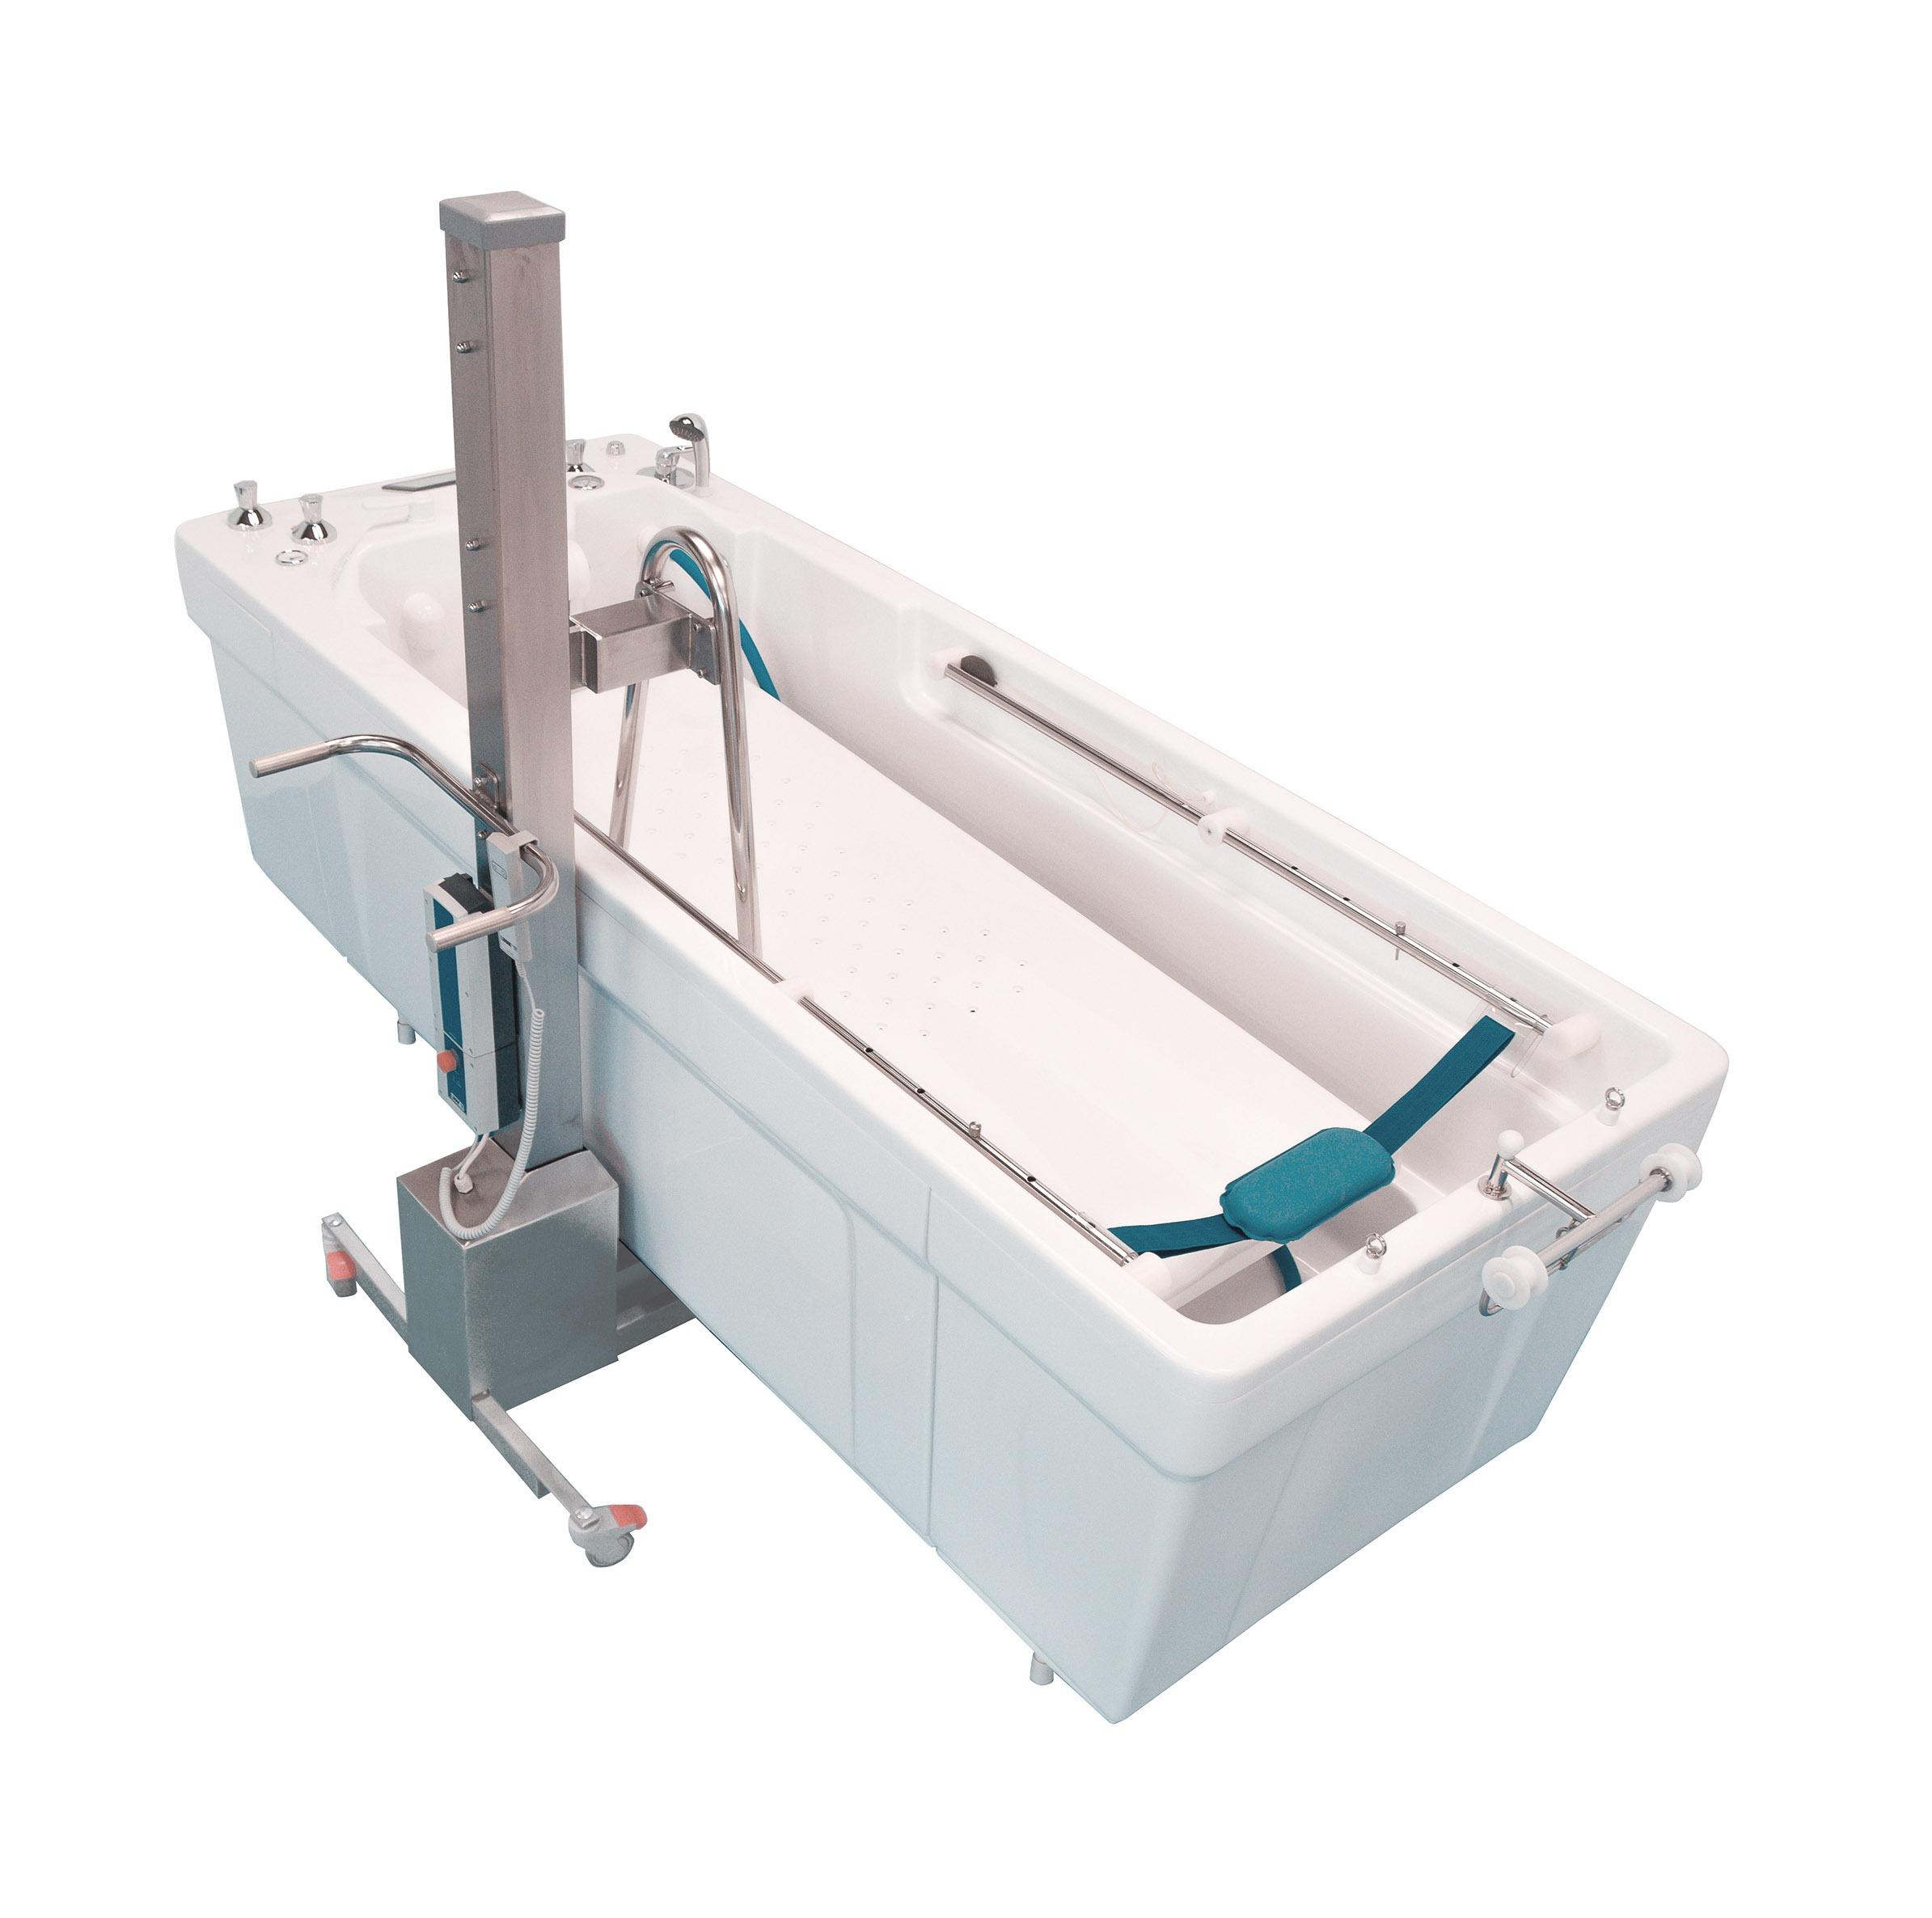 Комплекс подводного вытяжения позвоночника Атланта (электронная система)